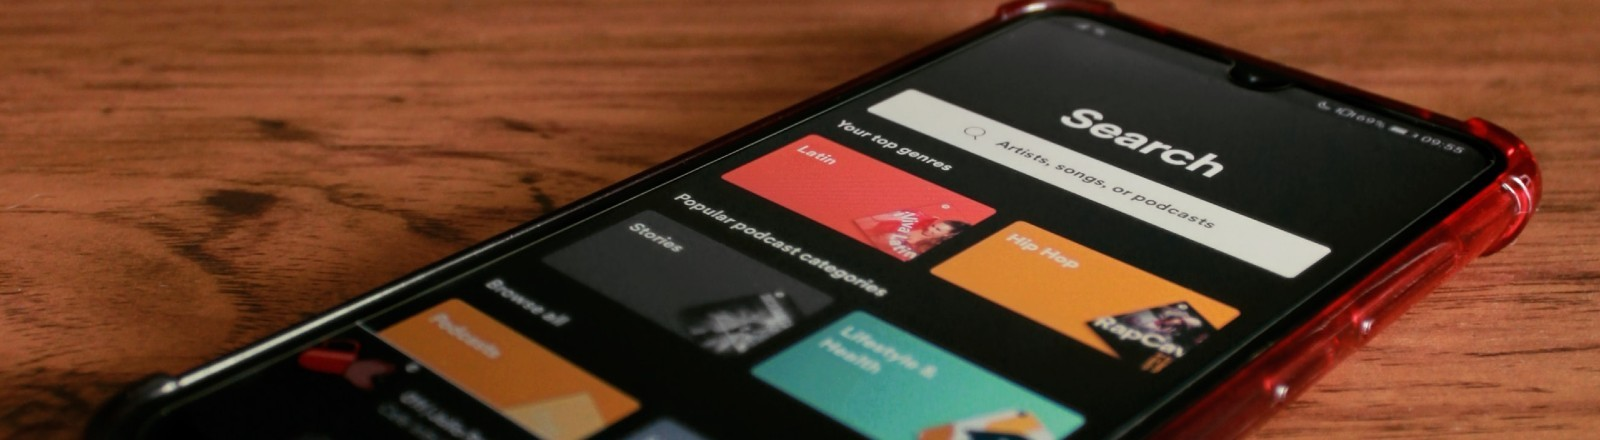 Ein Smartphone mit geöffneter Spotify App